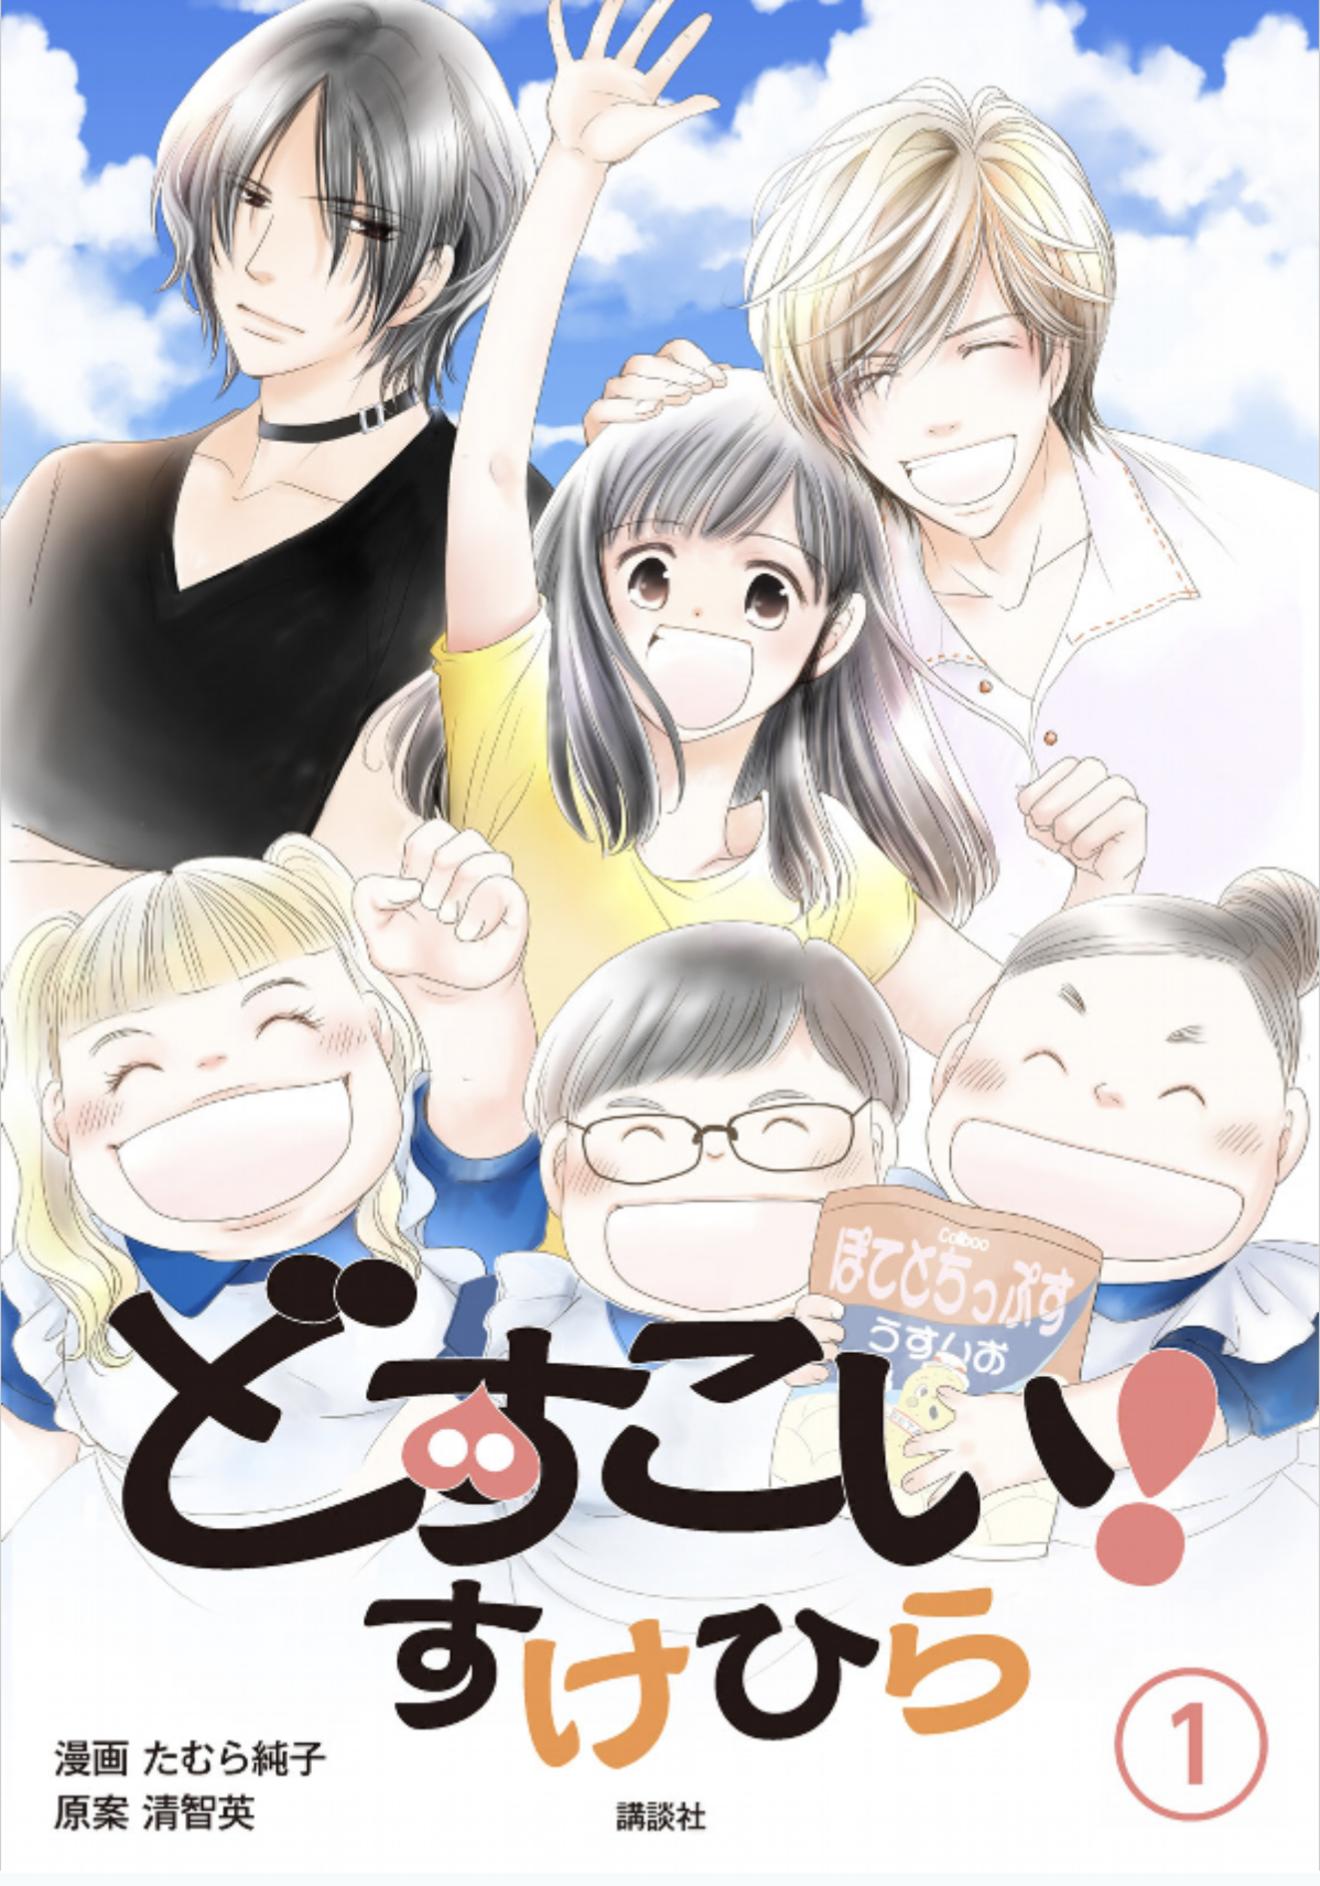 漫画『どすこい!すけひら』が面白い!最終回までの4つの魅力をネタバレ紹介